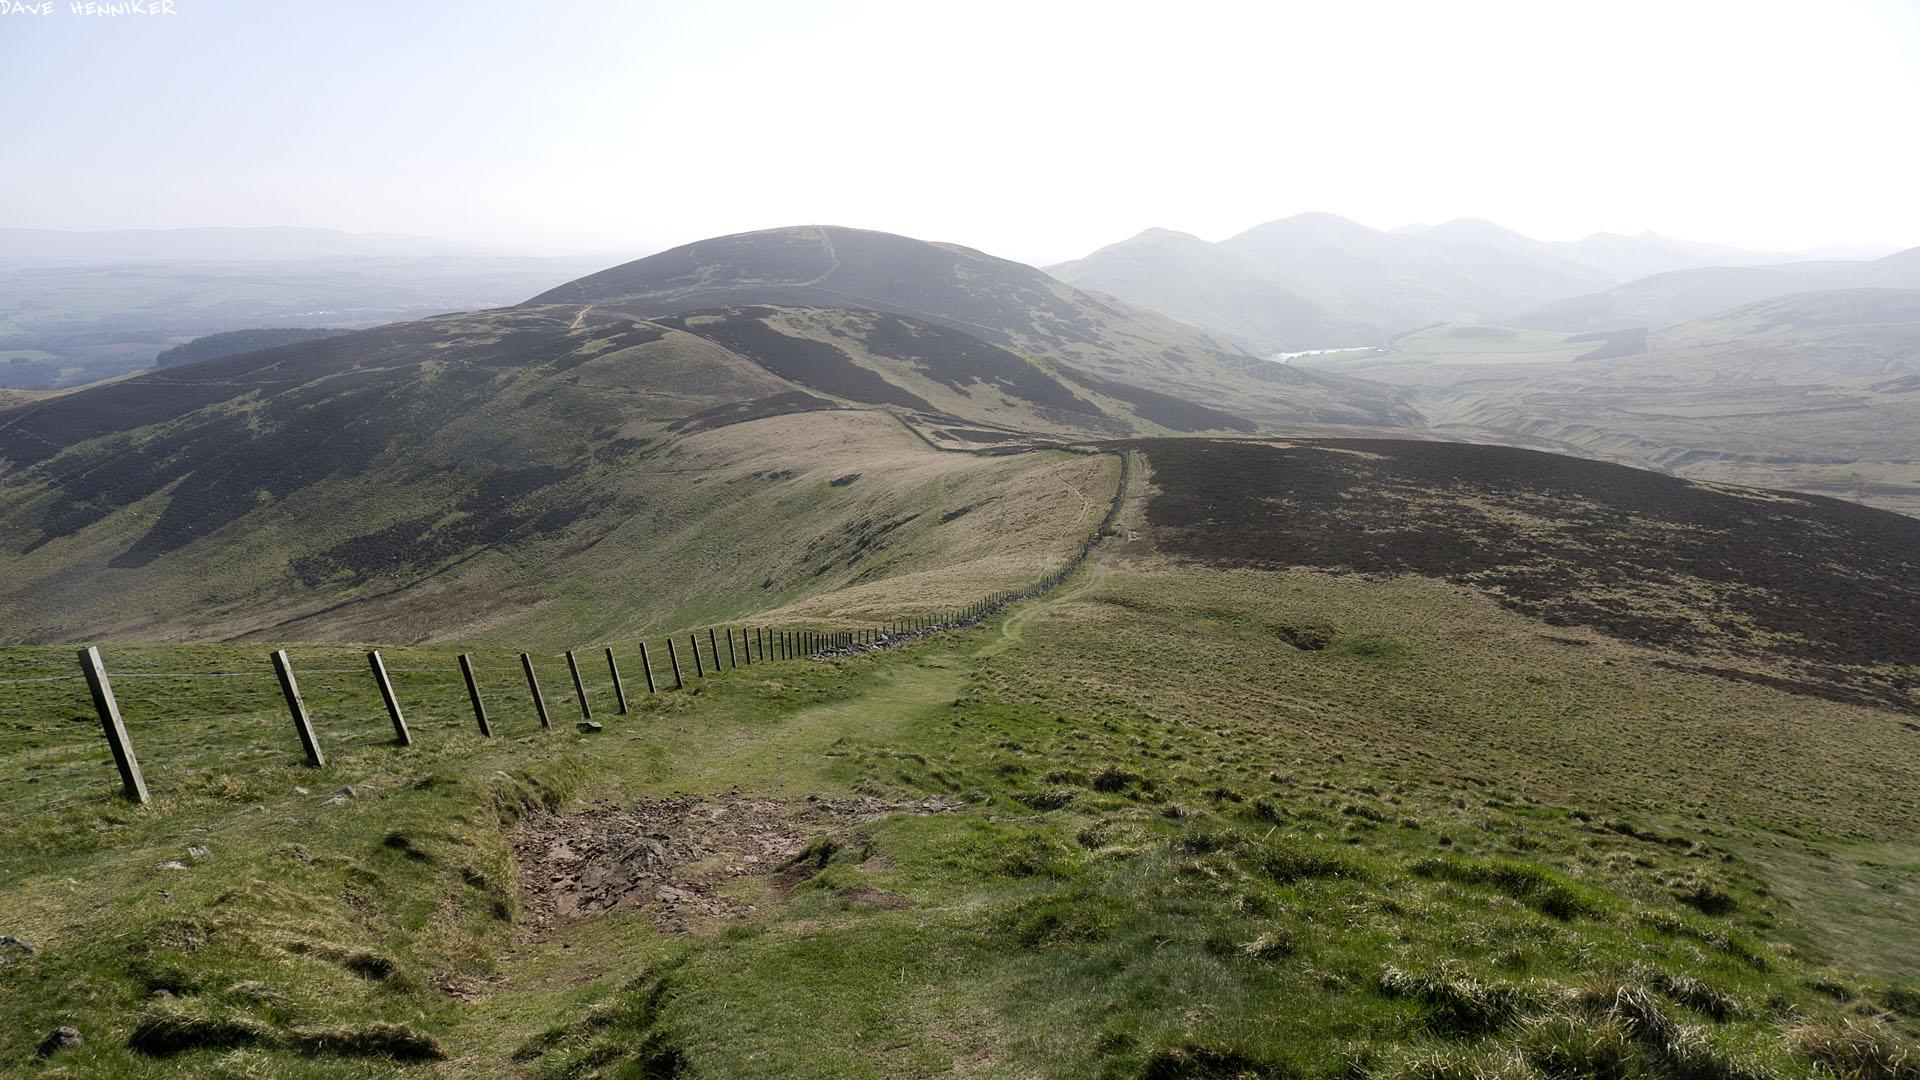 ridge2012March27_1920